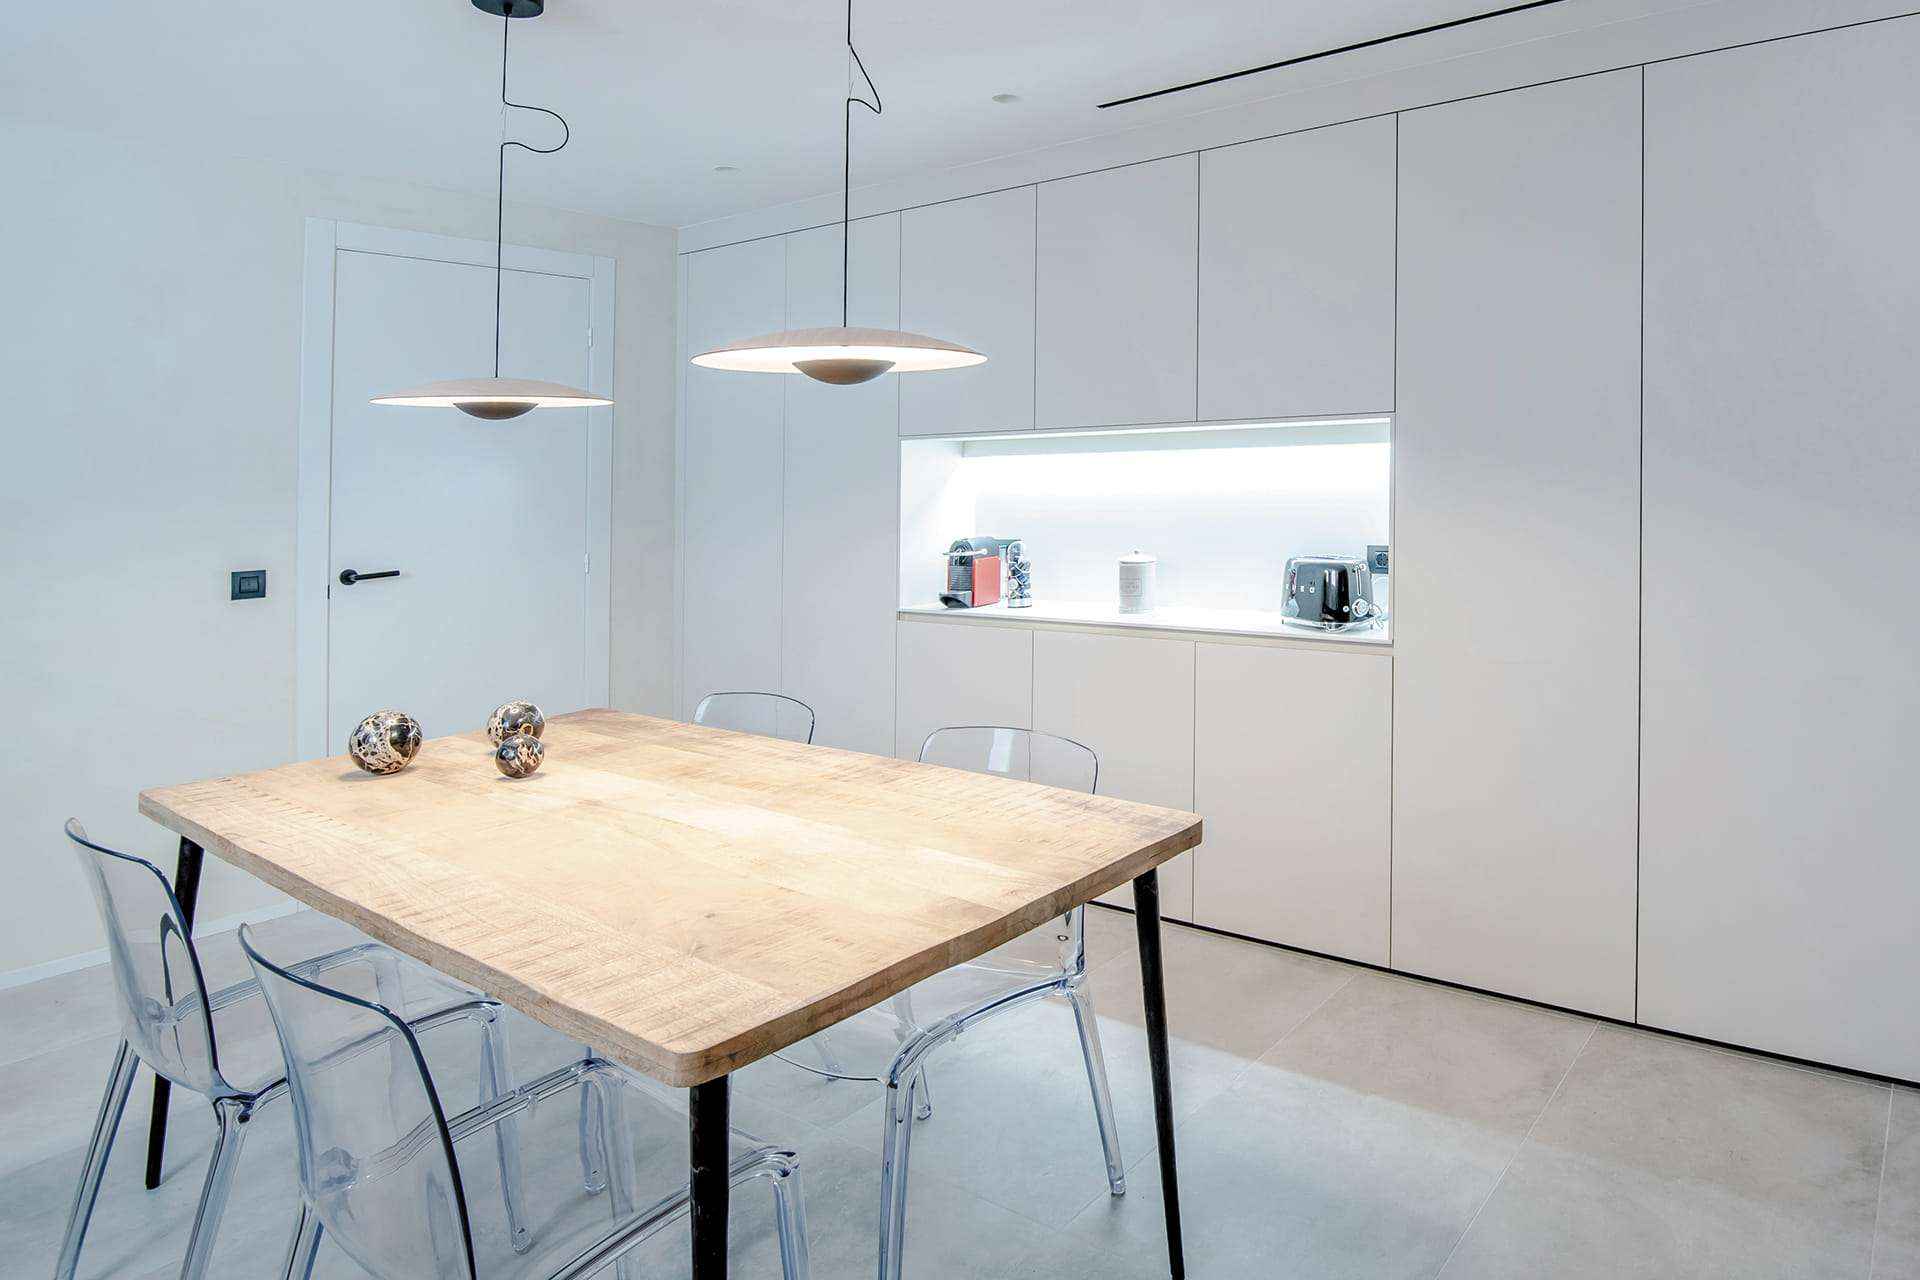 Wit met grijze keuken met tafel in het midden